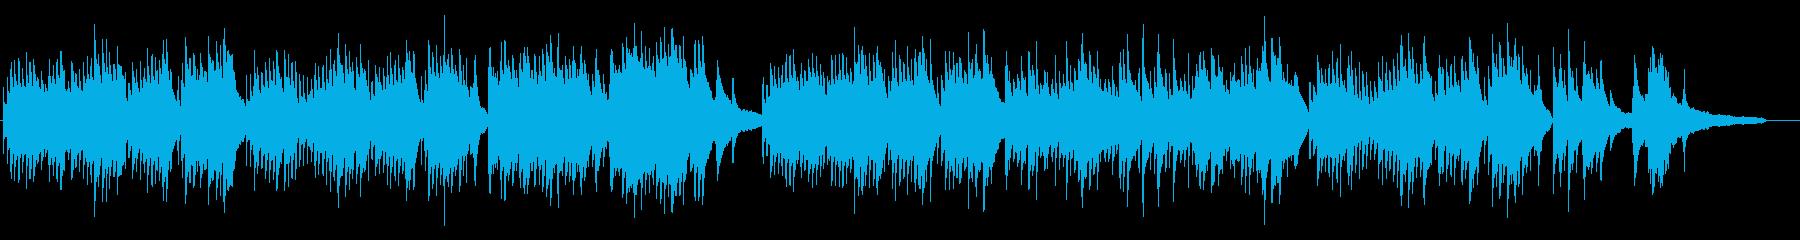 優しく温かい和風のピアノ曲の再生済みの波形